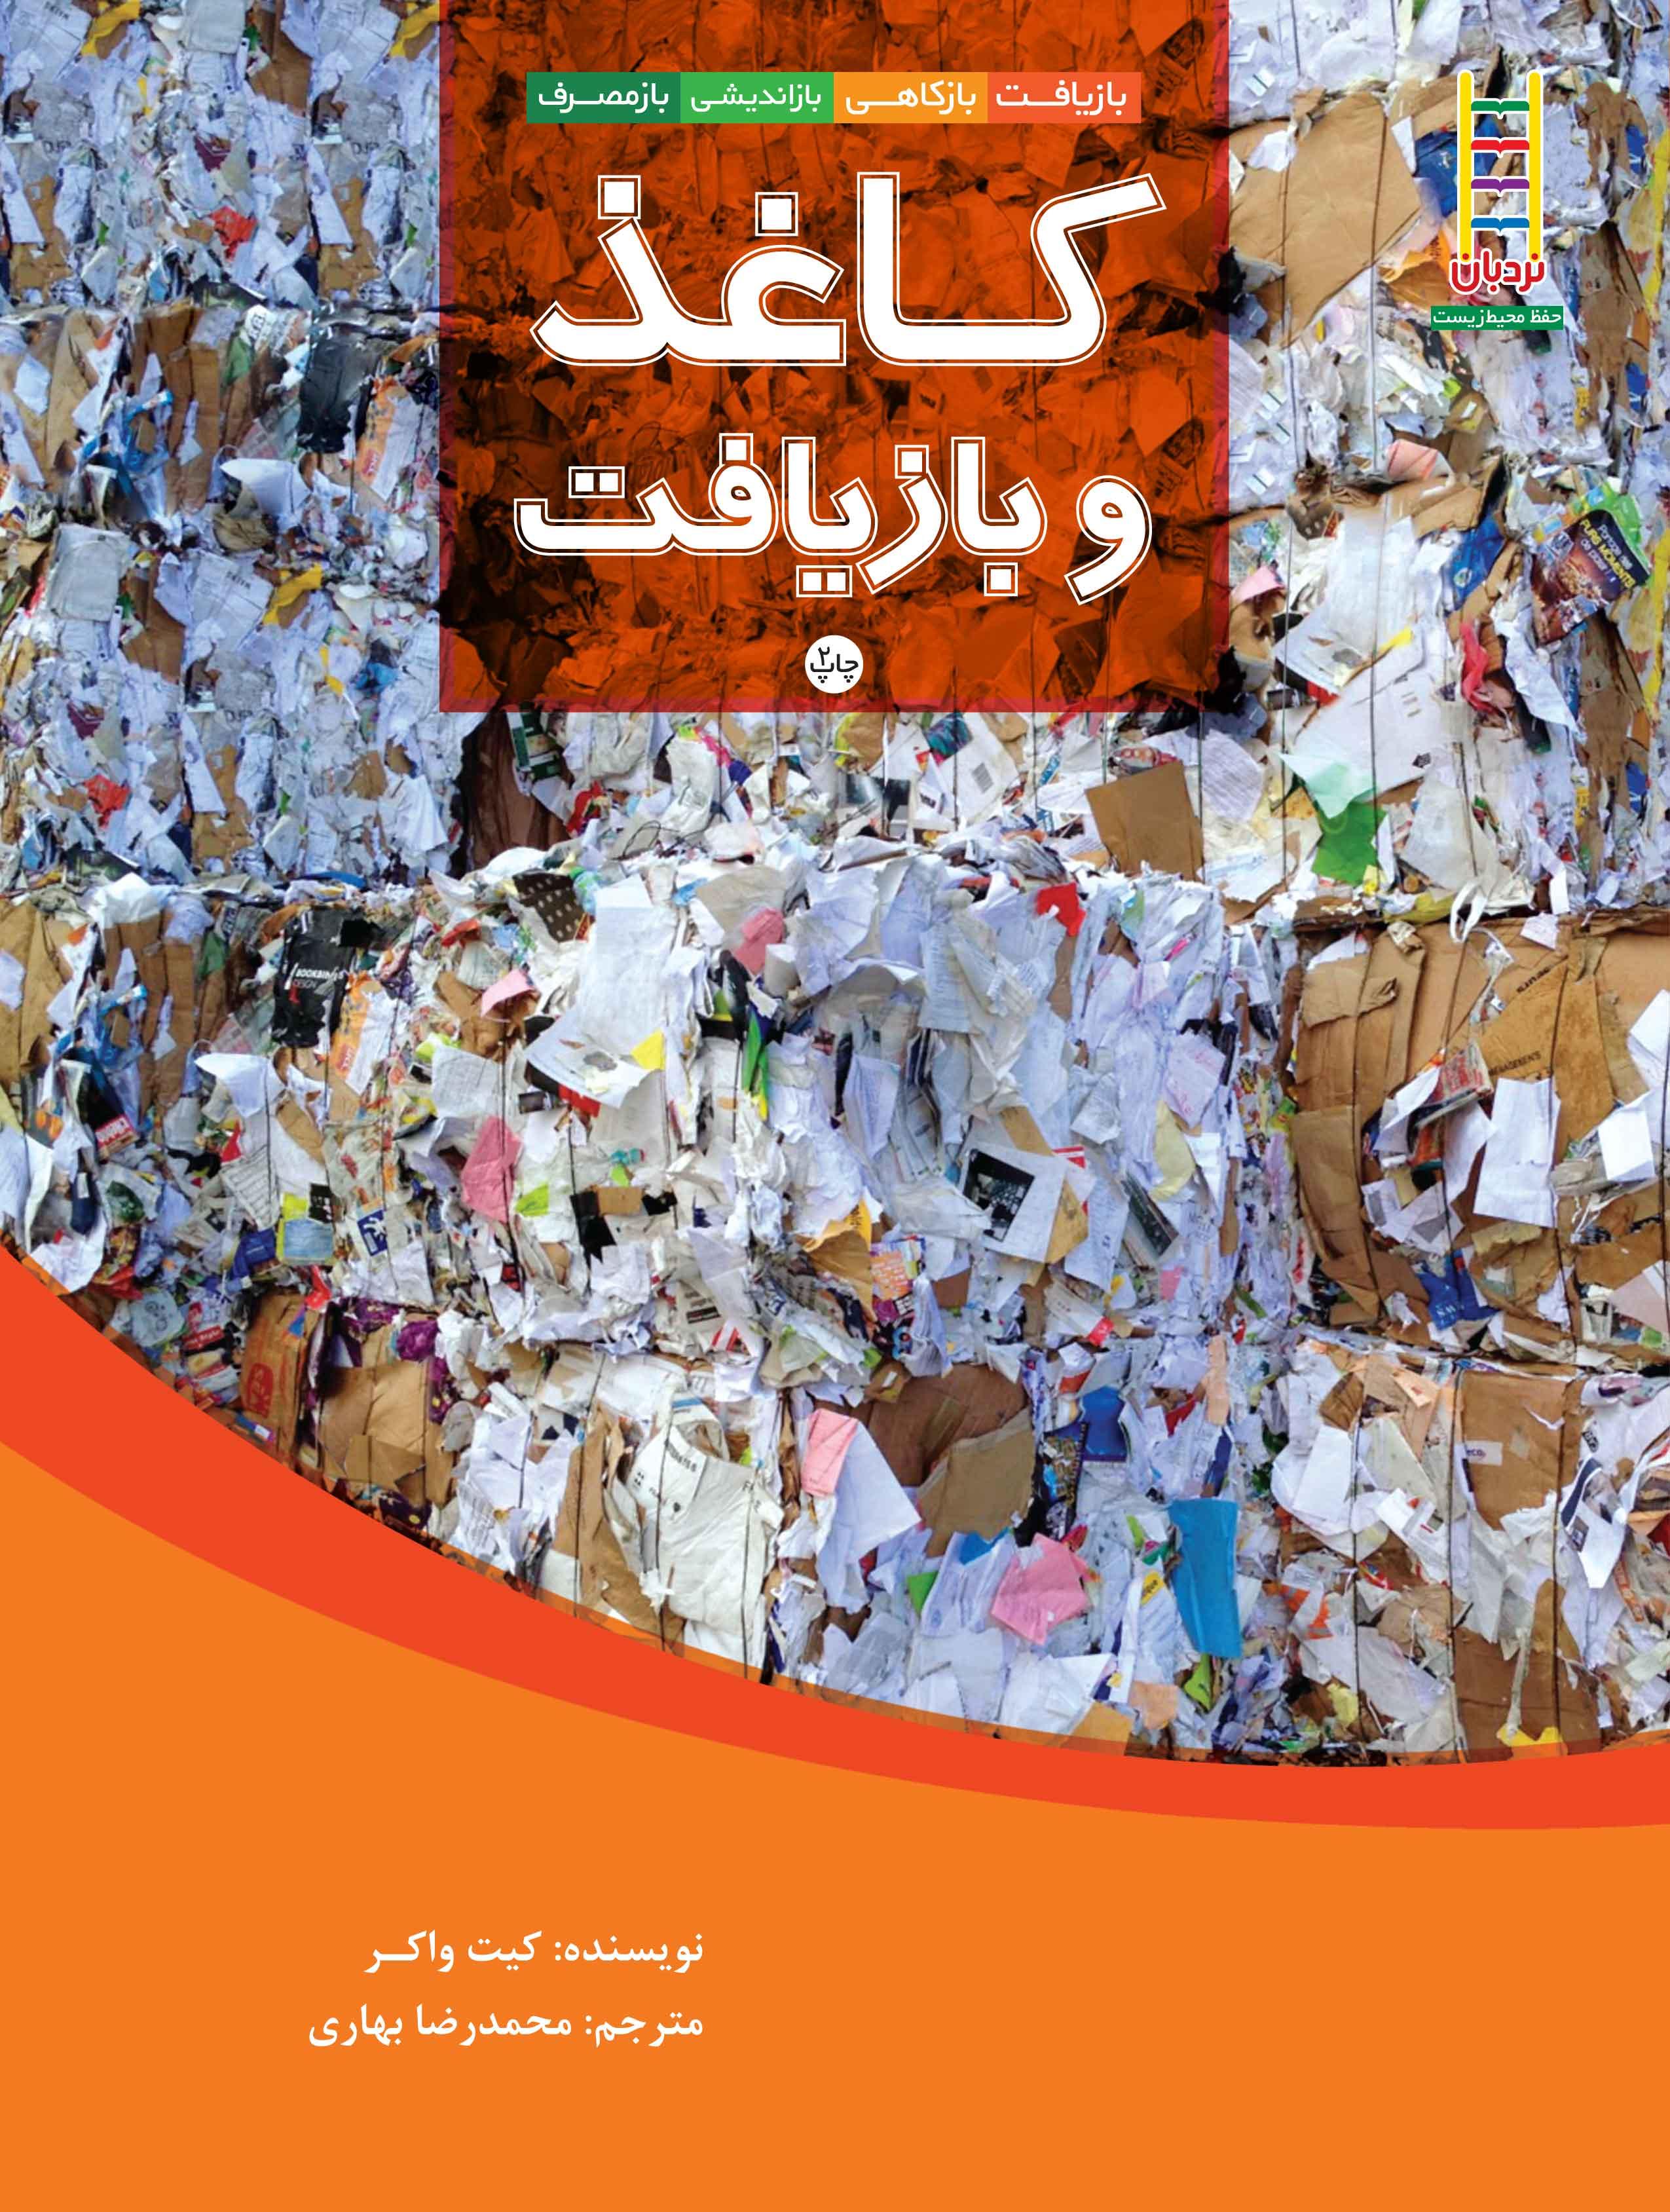 کاغذ و بازیافت (بازيافت، بازکاهی، بازانديشی، بازمص...